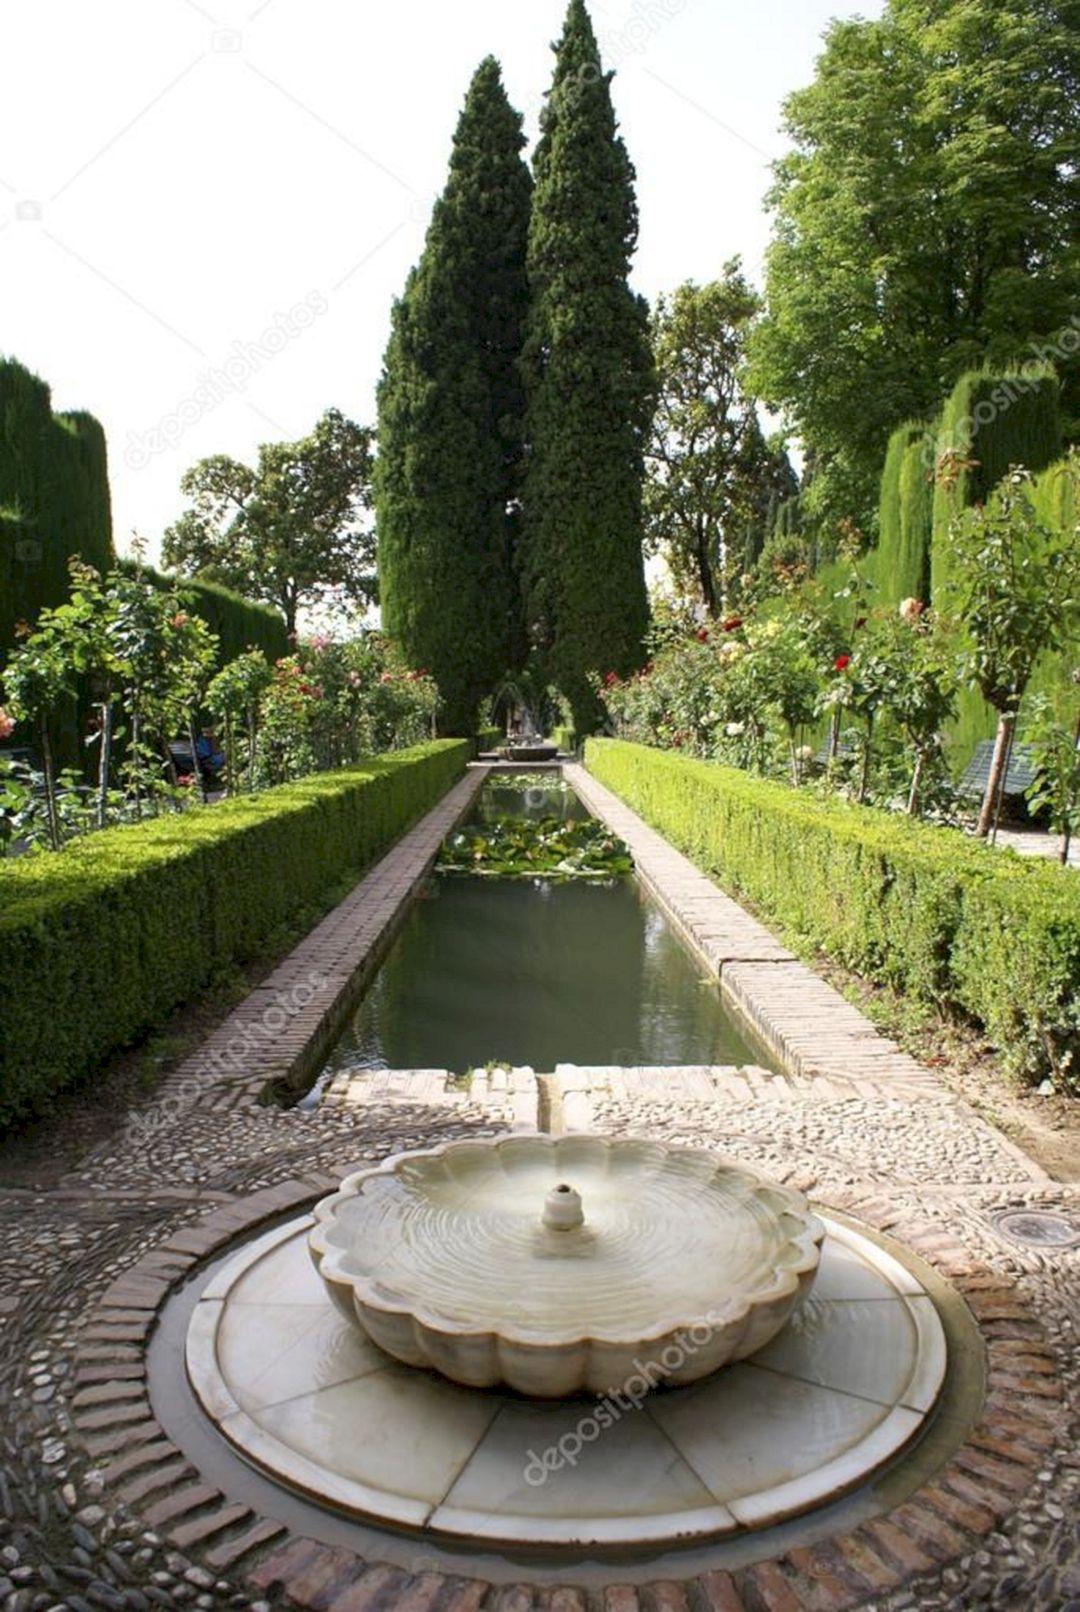 garden fountain design ideas photo - 6